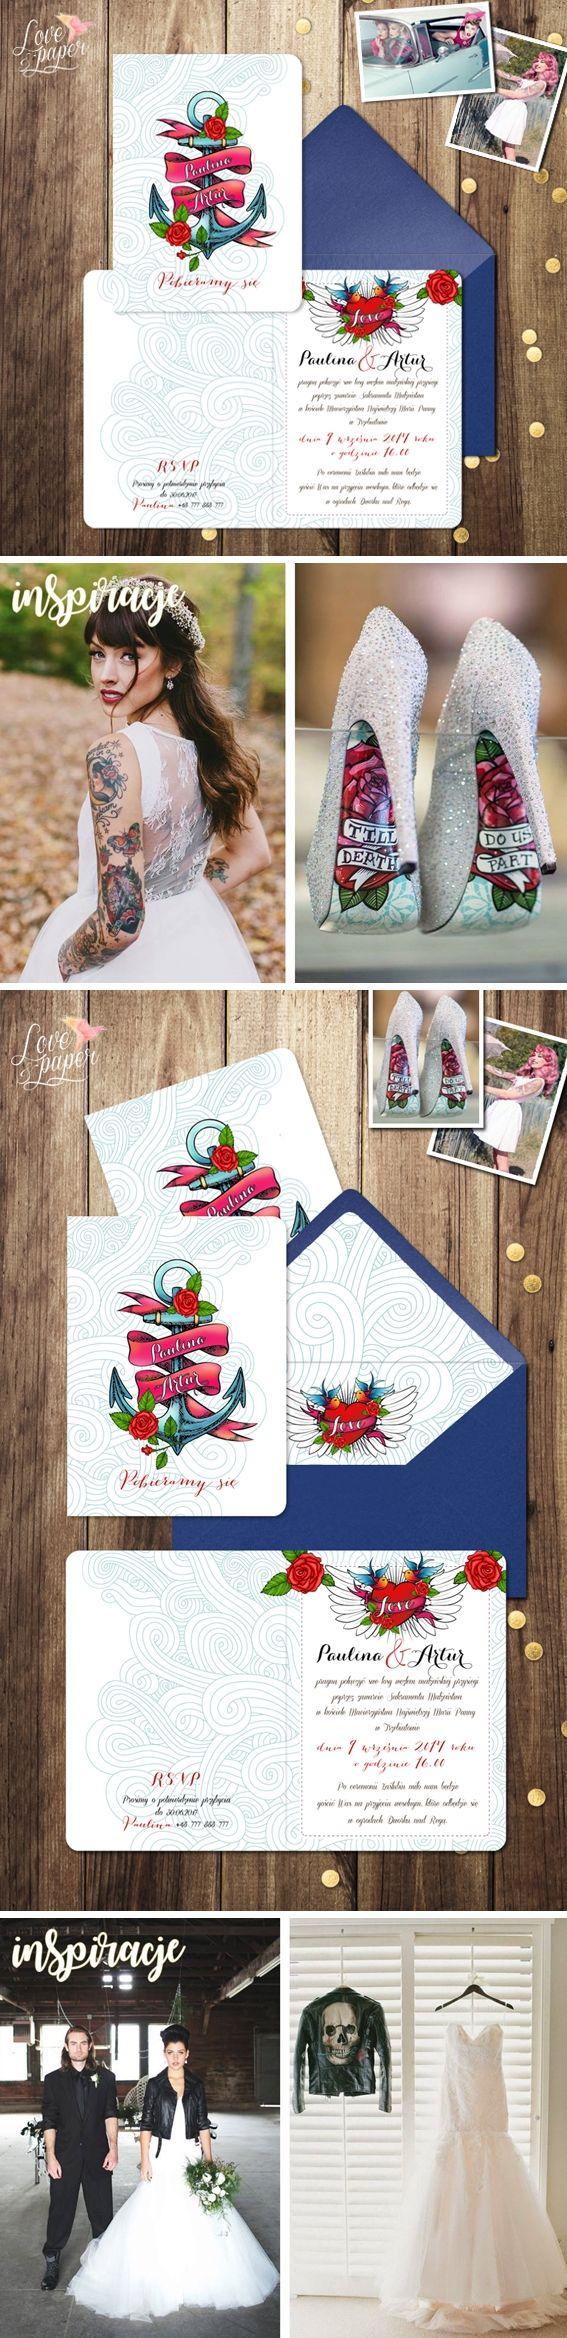 Papeteria Ślubna - Projekt indywidualny dla pary Pauliny i Artura Zaproszenia Ślubne Love&Rock  #loveandpaper #promocja #sklep #zaproszenia #winietki #papeteriaślubna #menu #księgagości #dodatkiślubne #dekoracje #weselny #paper #lovepaper #weddingmenu #weddinginformation #weddingdetail #weddingguide #projectwedding #weddingpaper #weddingdesign #tattoos #tatuaże